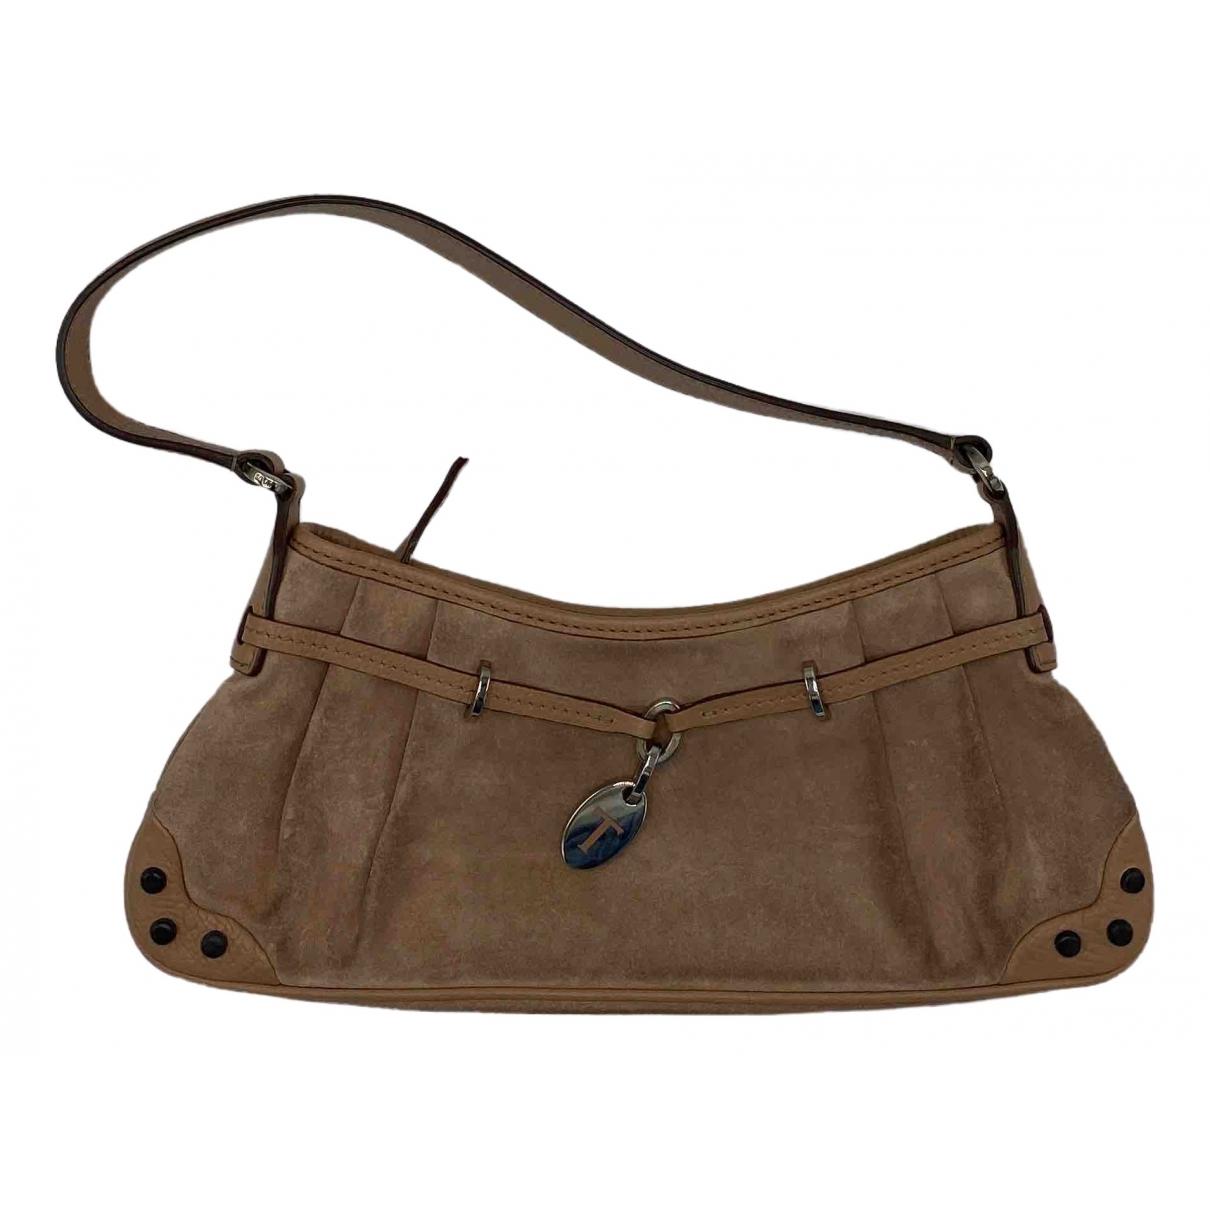 Tods \N Handtasche in  Beige Veloursleder